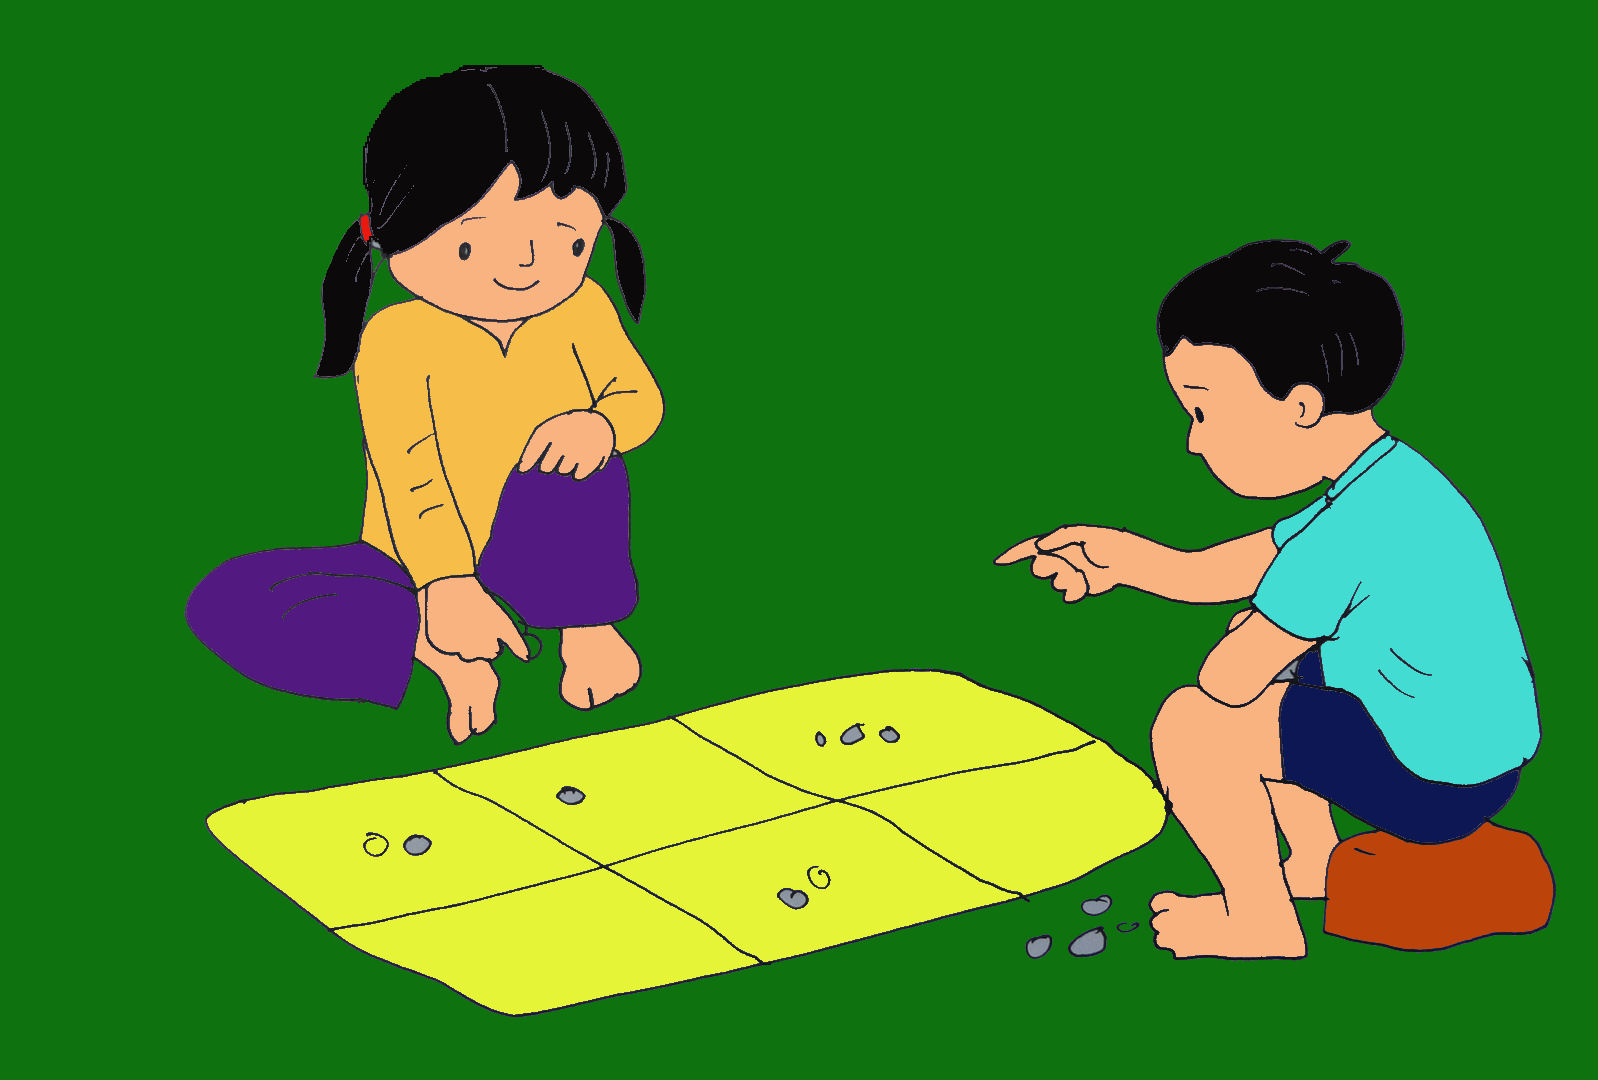 tranh vẽ trò chơi ô ăn quan